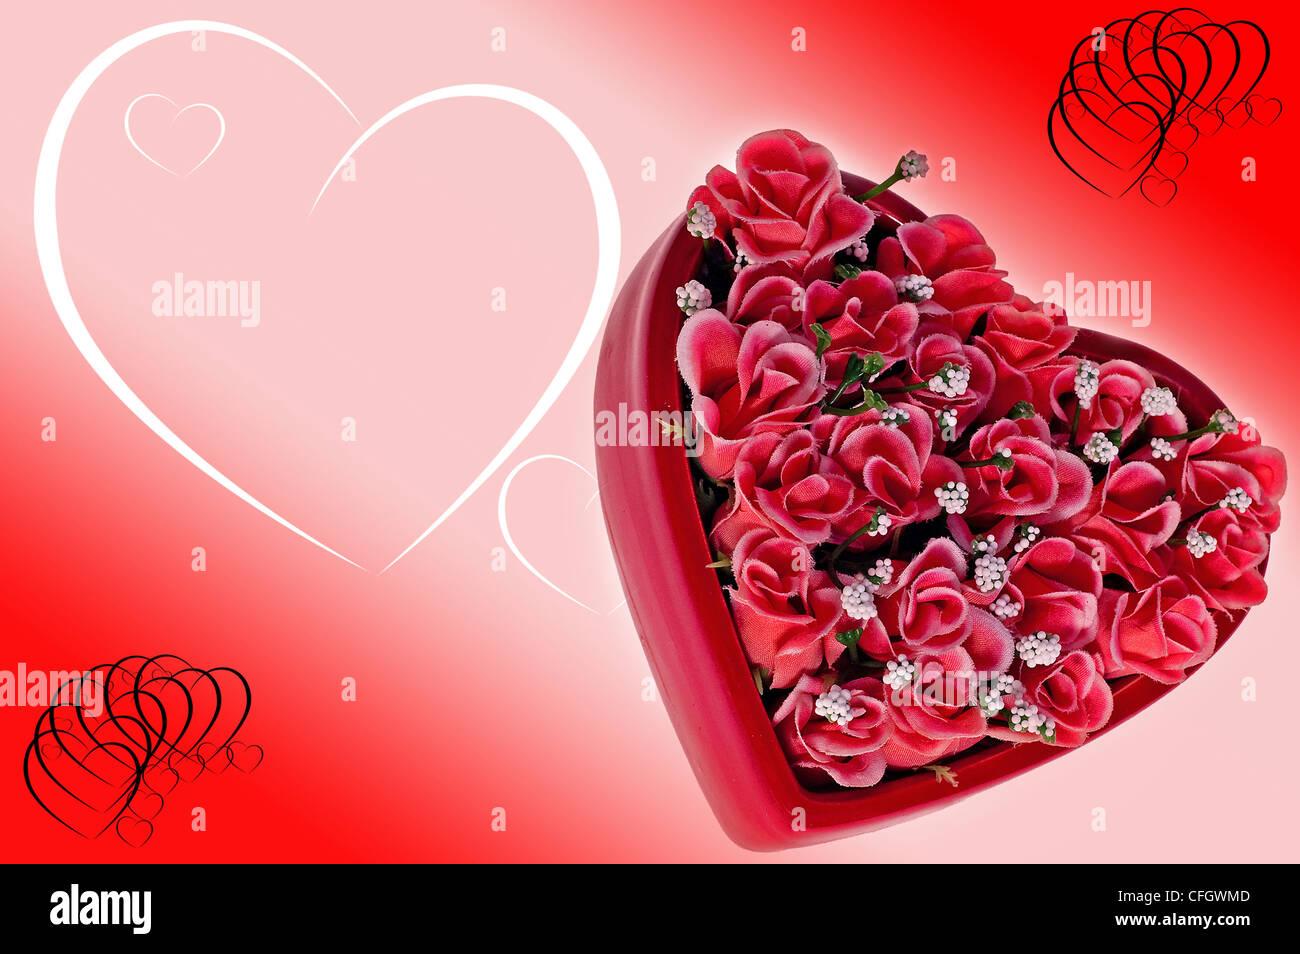 Flores en forma de corazón con una nota adjunta a la rima de pie en medio de los pétalos de rosa Imagen De Stock